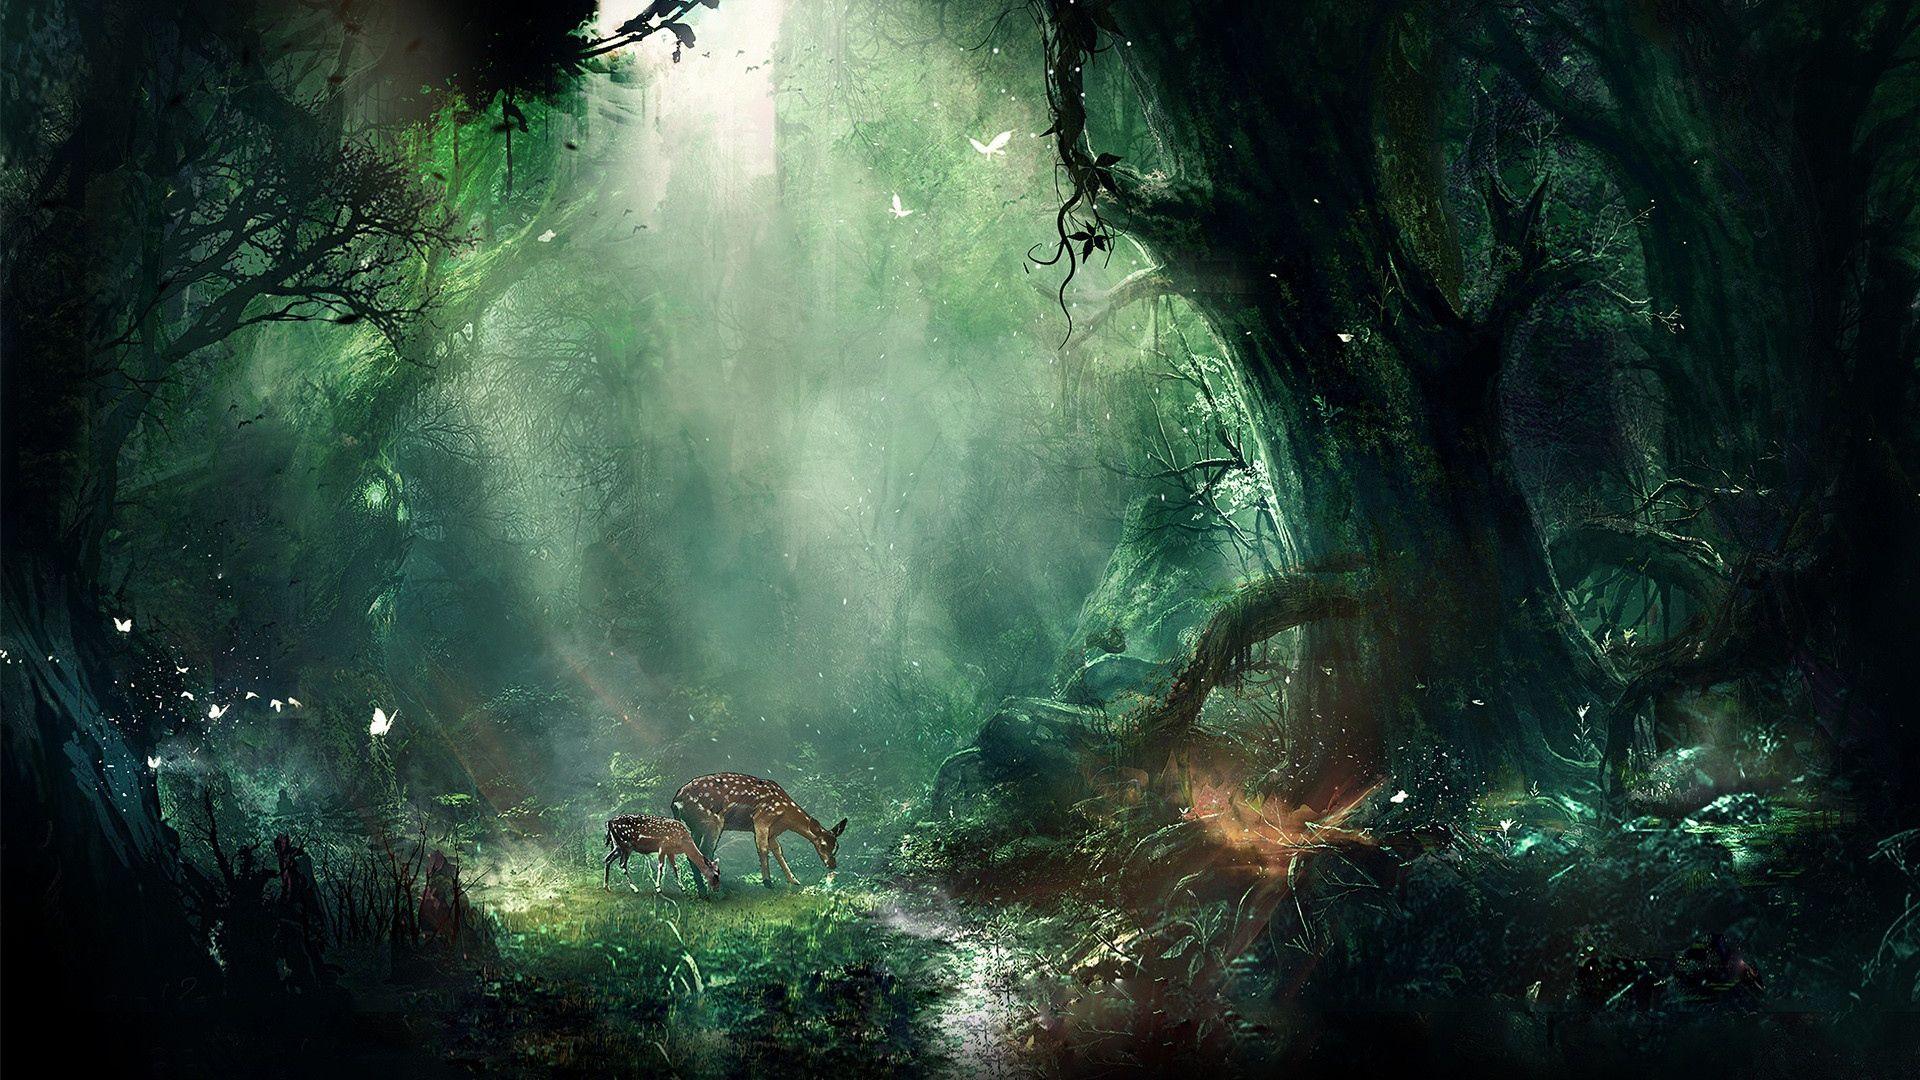 1920x1080 Wallpaper jungle, fantasy, deer, butterflies